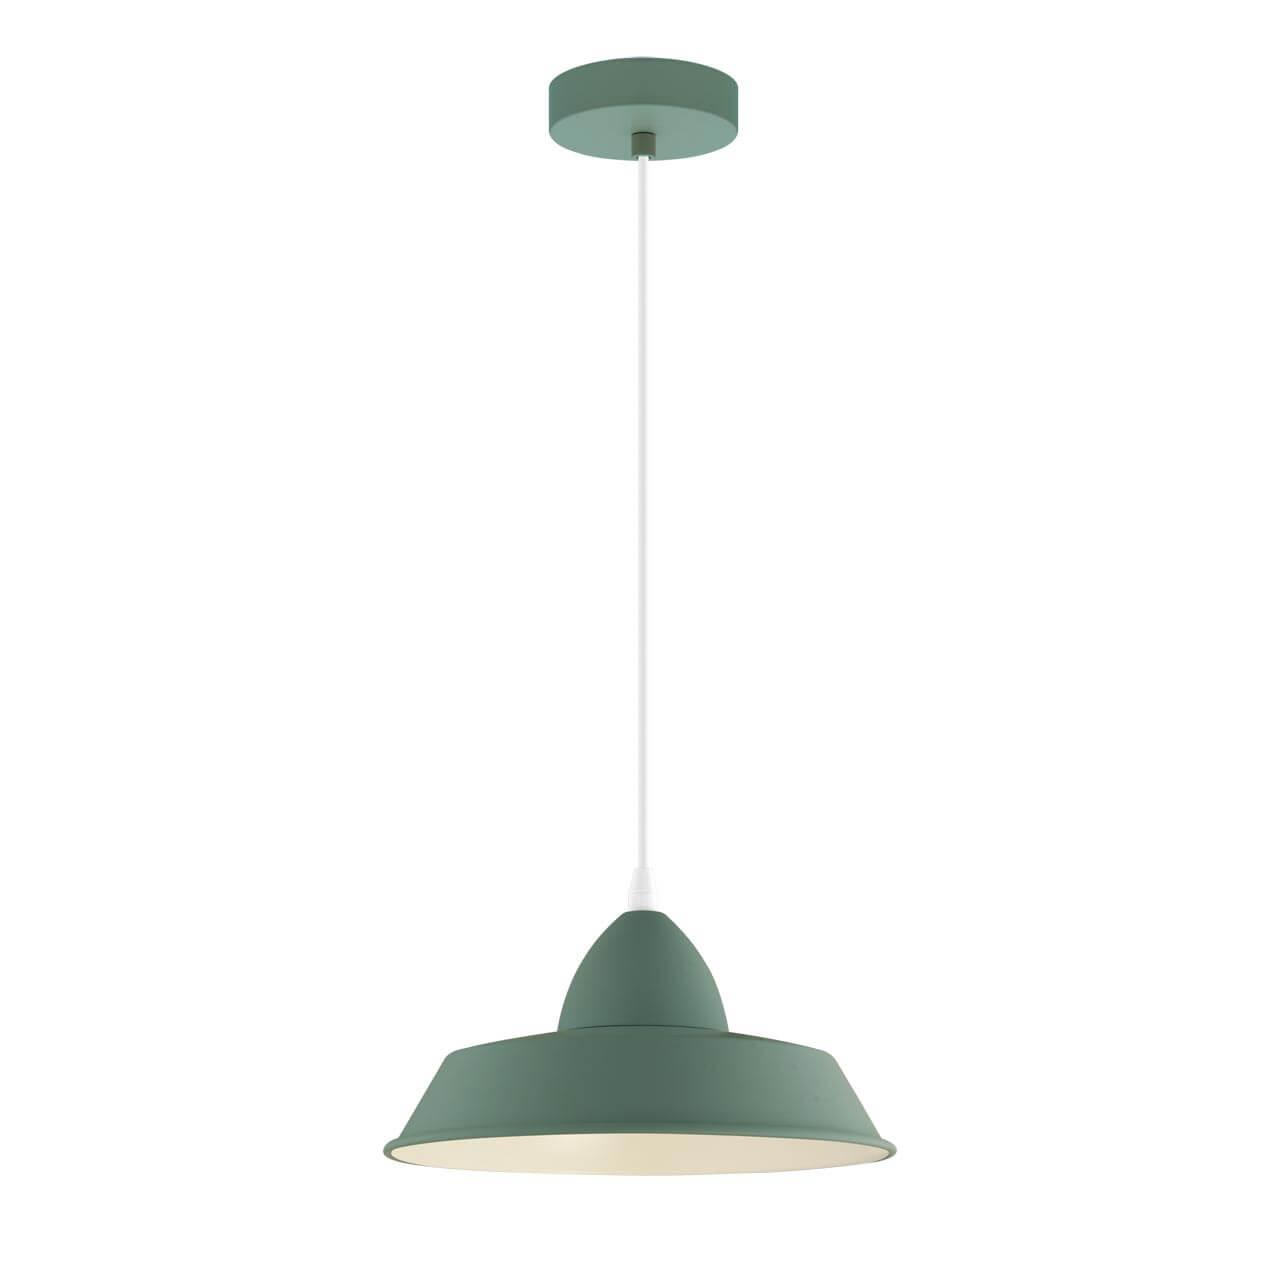 купить Подвесной светильник Eglo Auckland-P 49056 по цене 2243 рублей